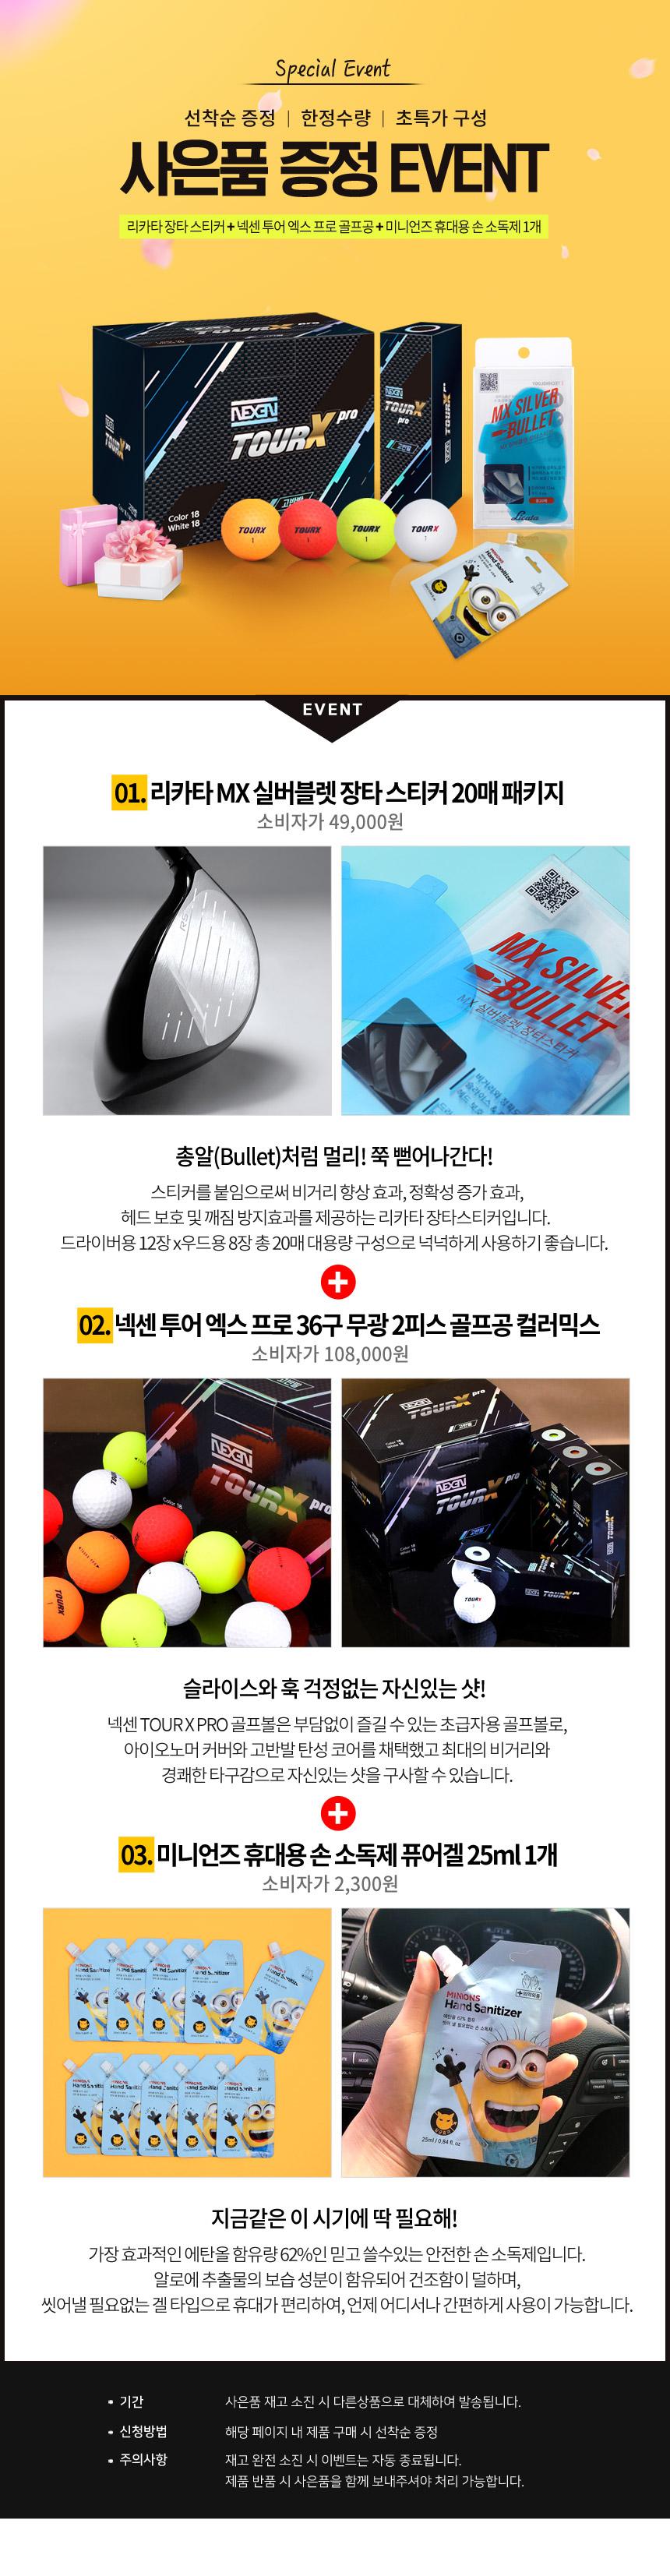 goods_setA_gift_20.jpg